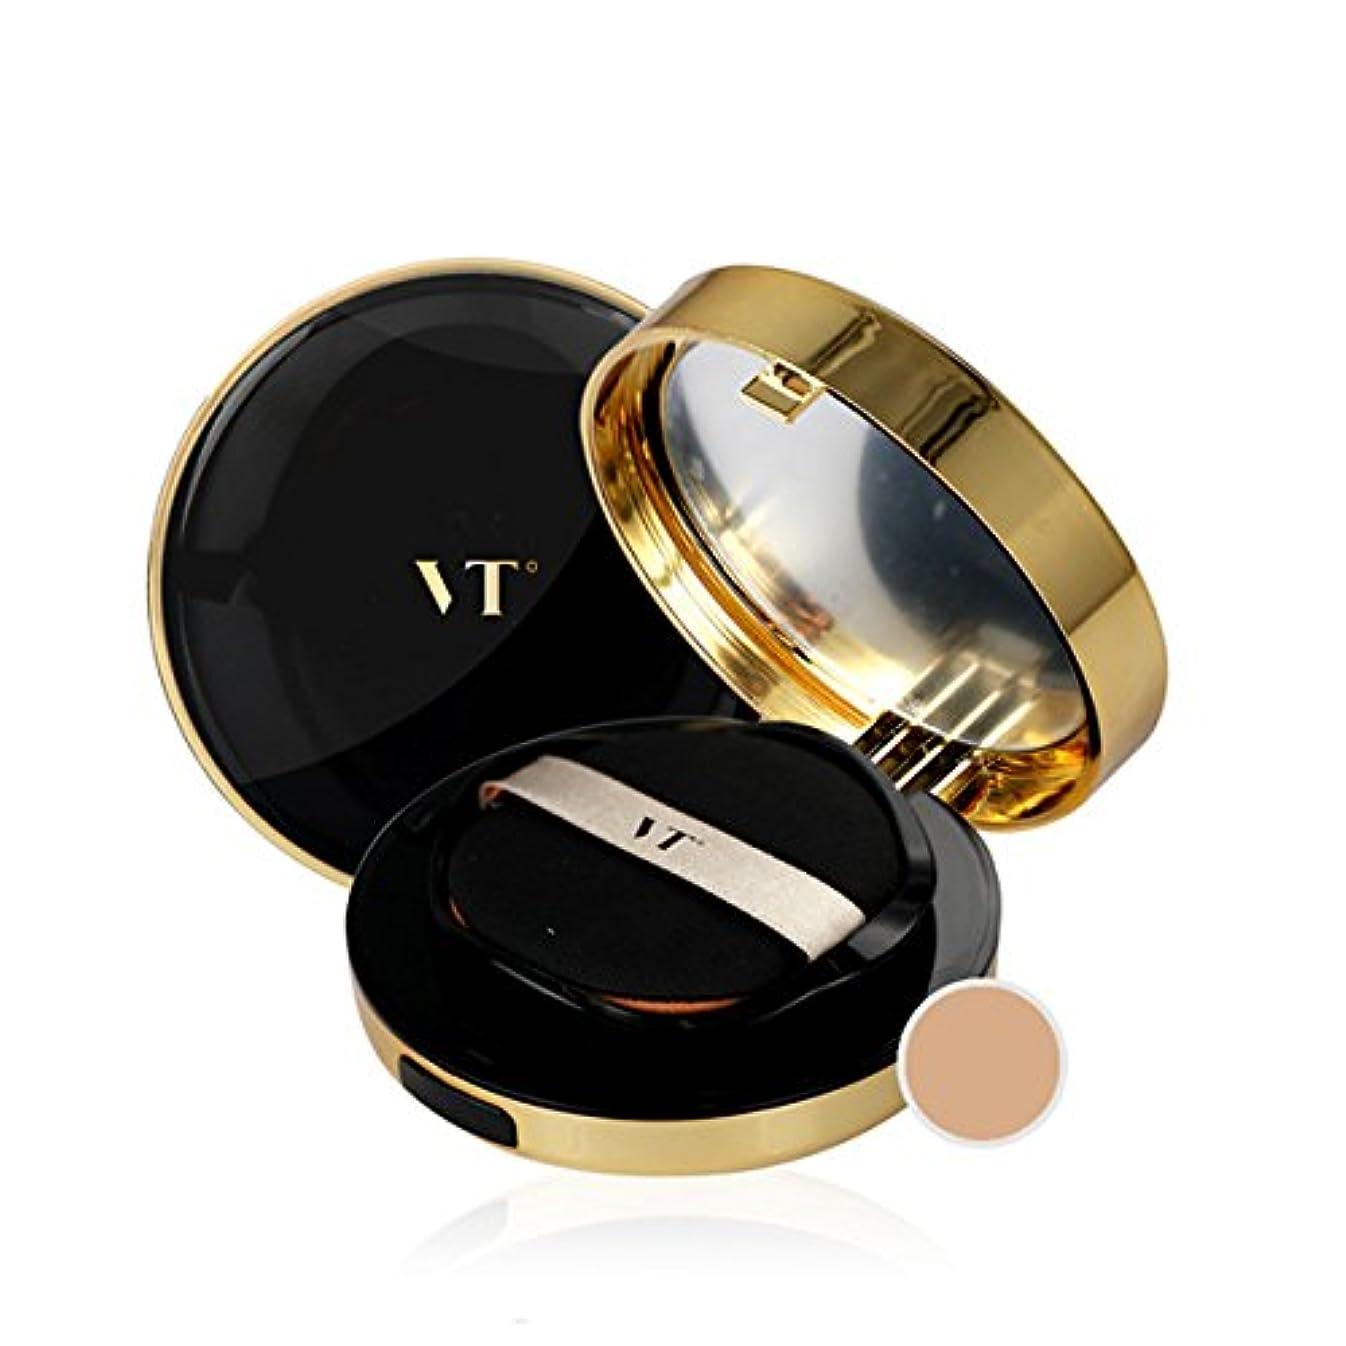 デイジーポットメールを書くバント36.5(VANT36.5)エッセンス スキン ファンデーション パクト(Essence Skin Foundation Pact)SPF50/PA+++ 12g